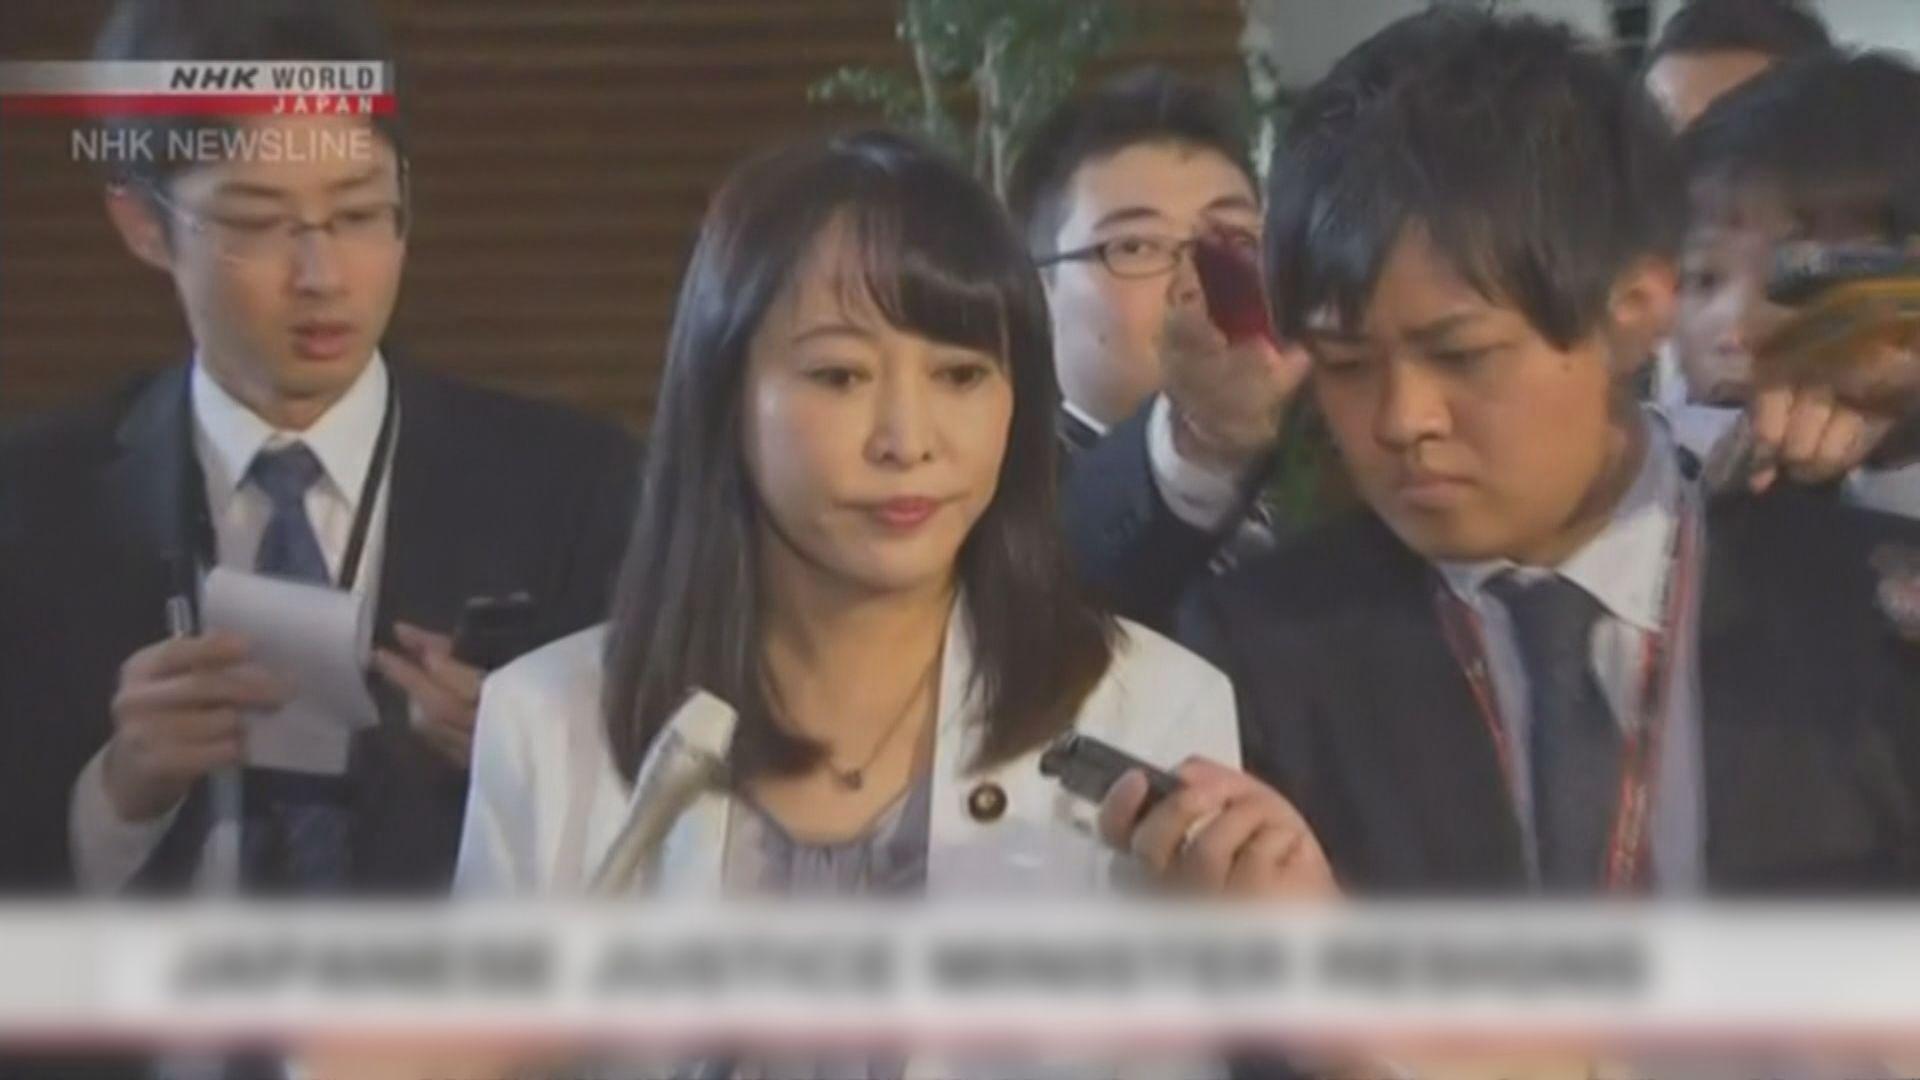 日本政府對戈恩棄保潛逃深表遺憾